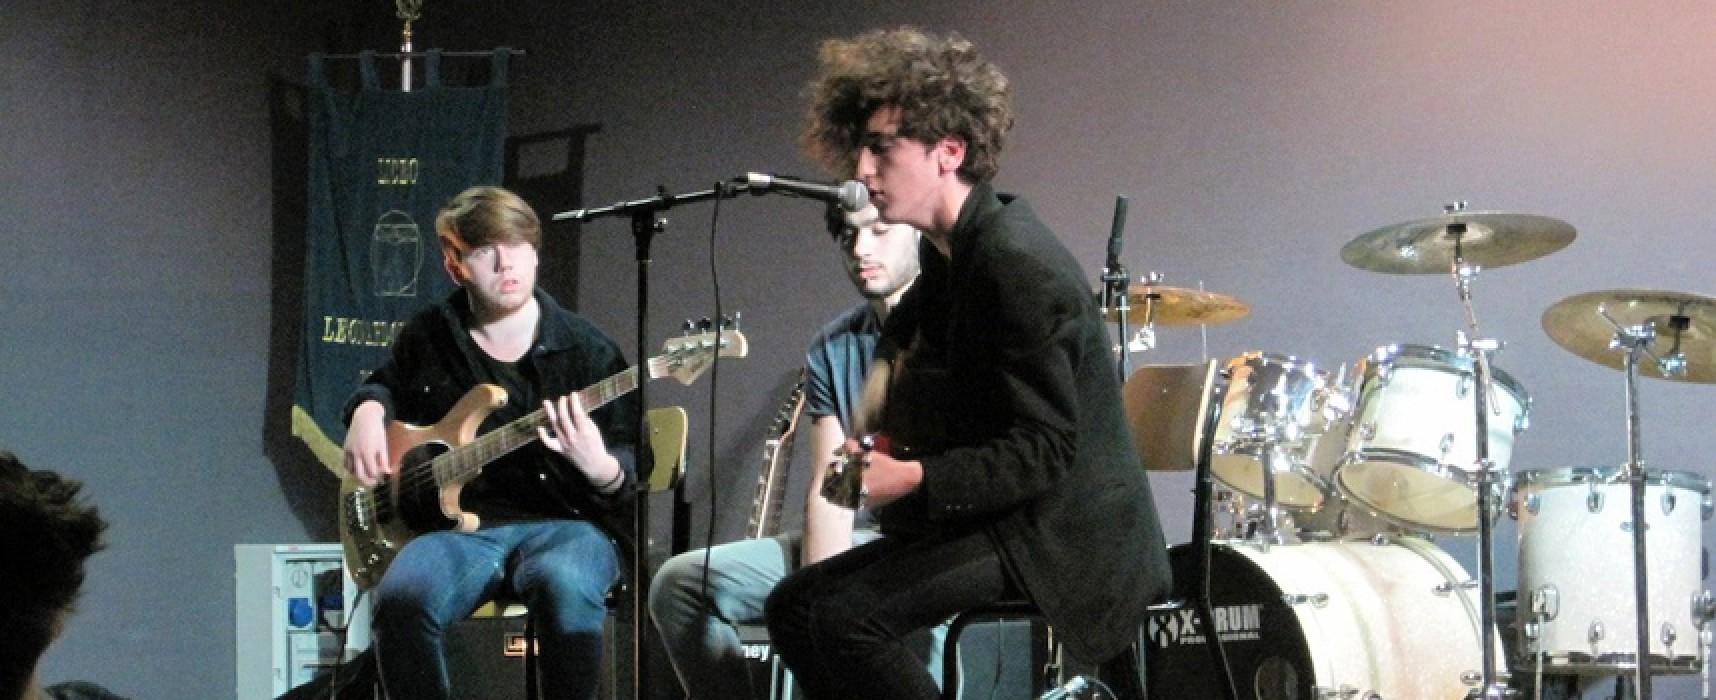 """Musicomania, lodevole iniziativa di musica e solidarietà al liceo """"Da Vinci"""" / FOTO"""